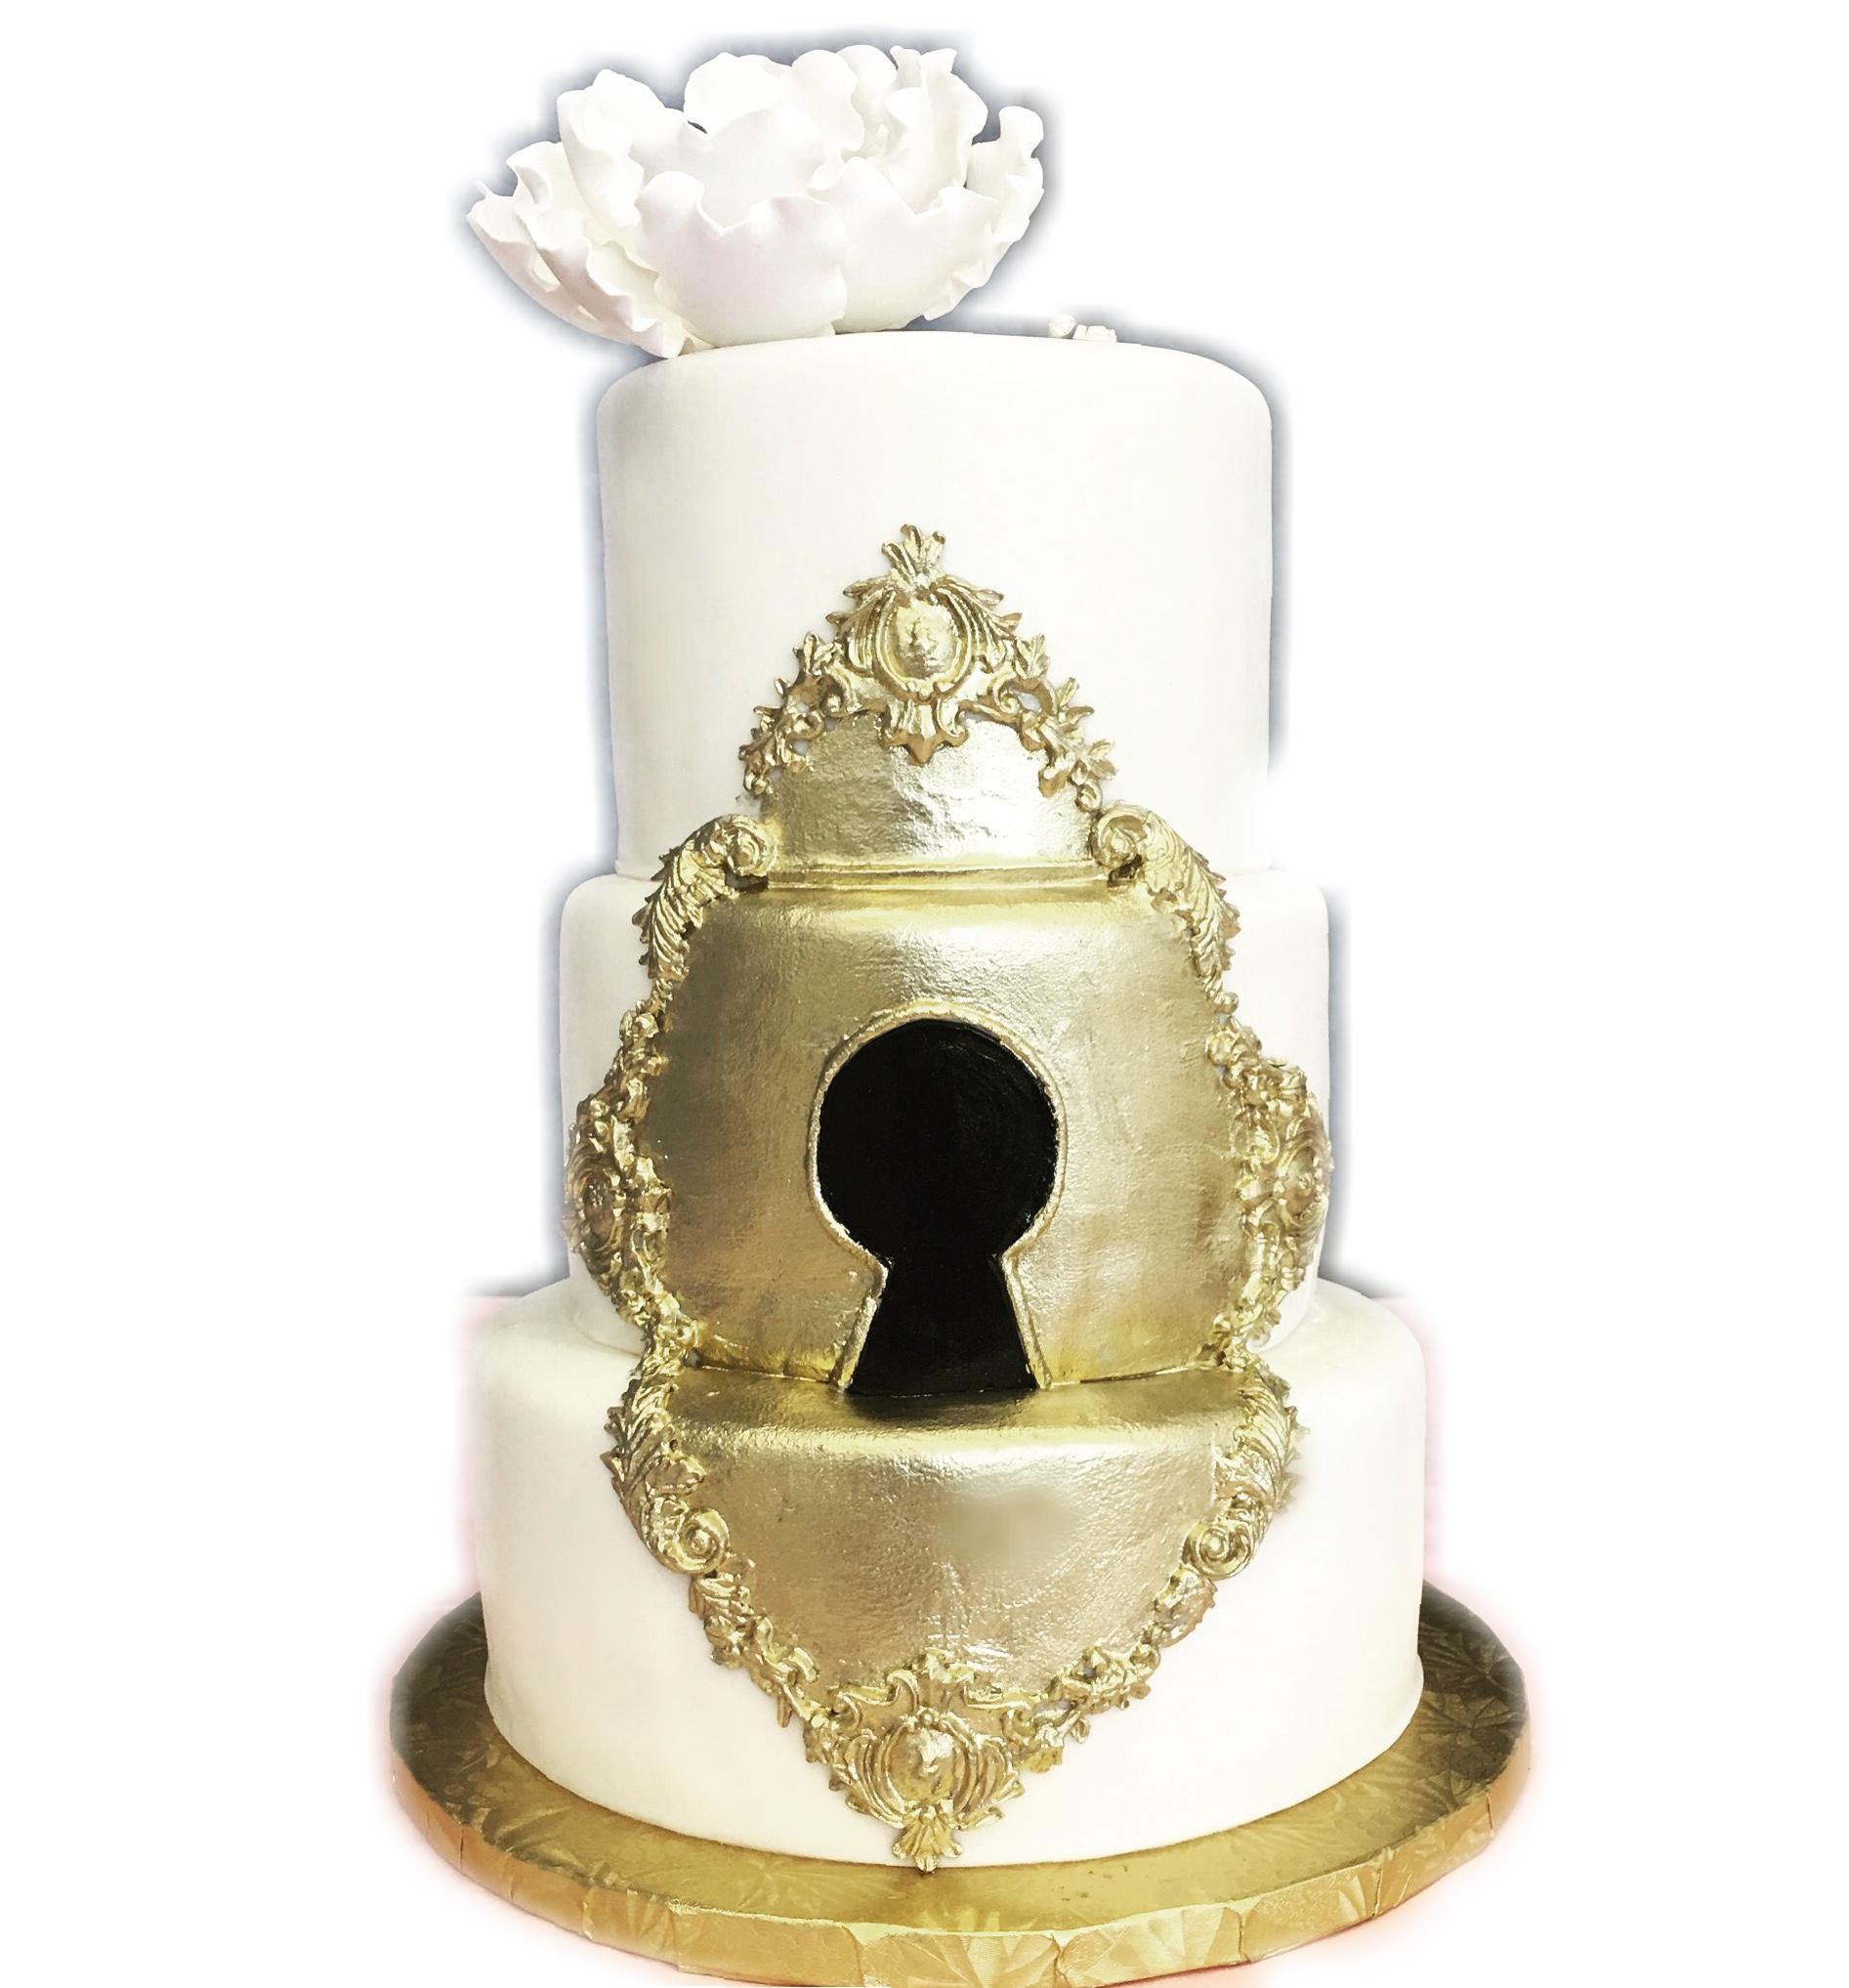 Lock & Key Hole Cake